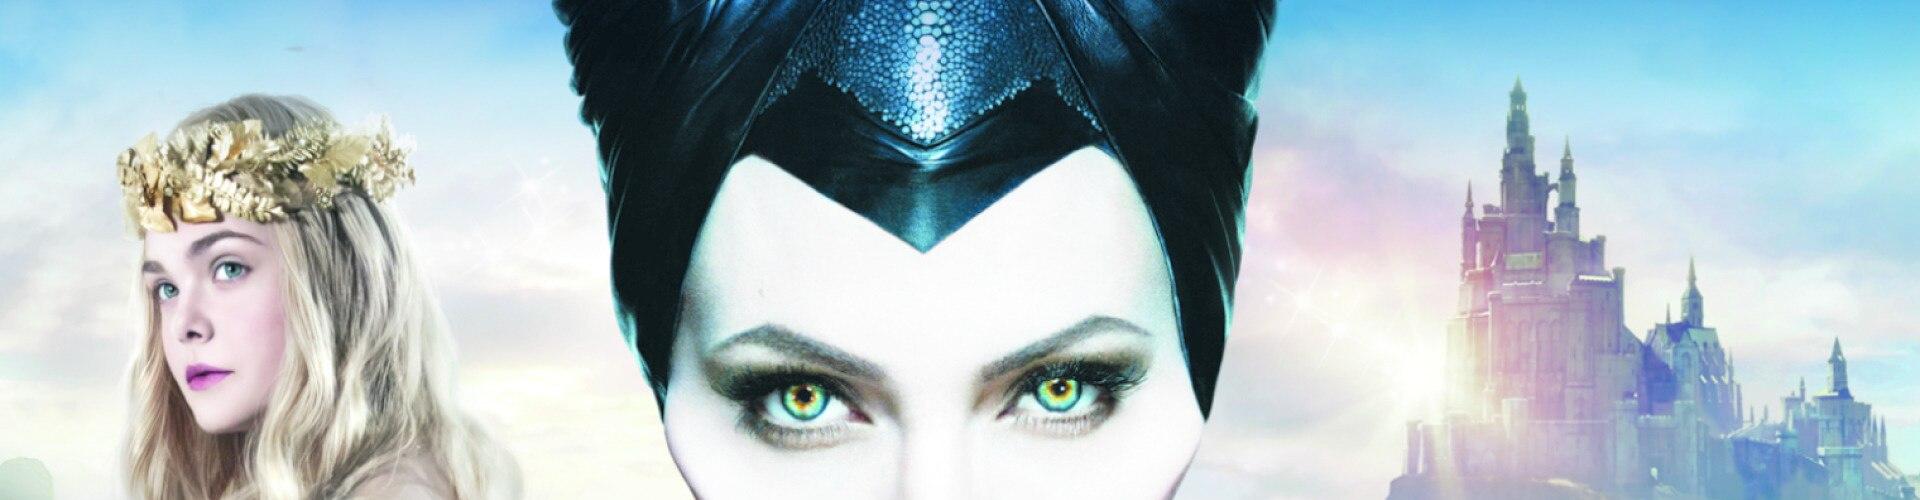 Watch Maleficent Online